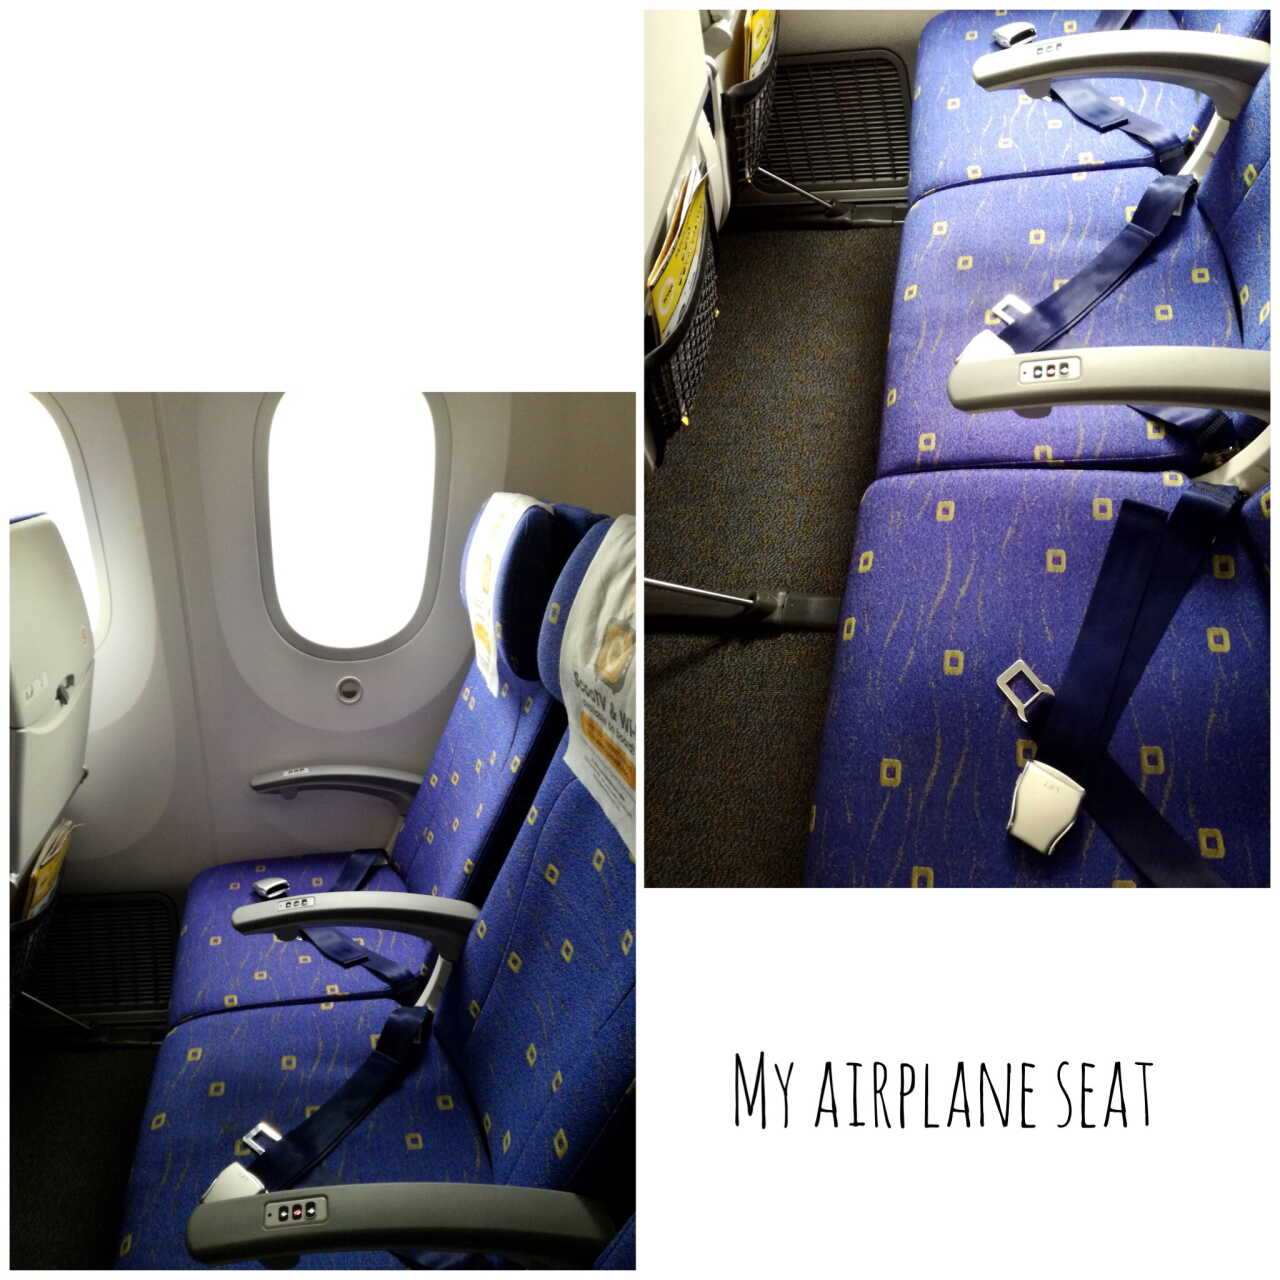 スクート航空機内座席